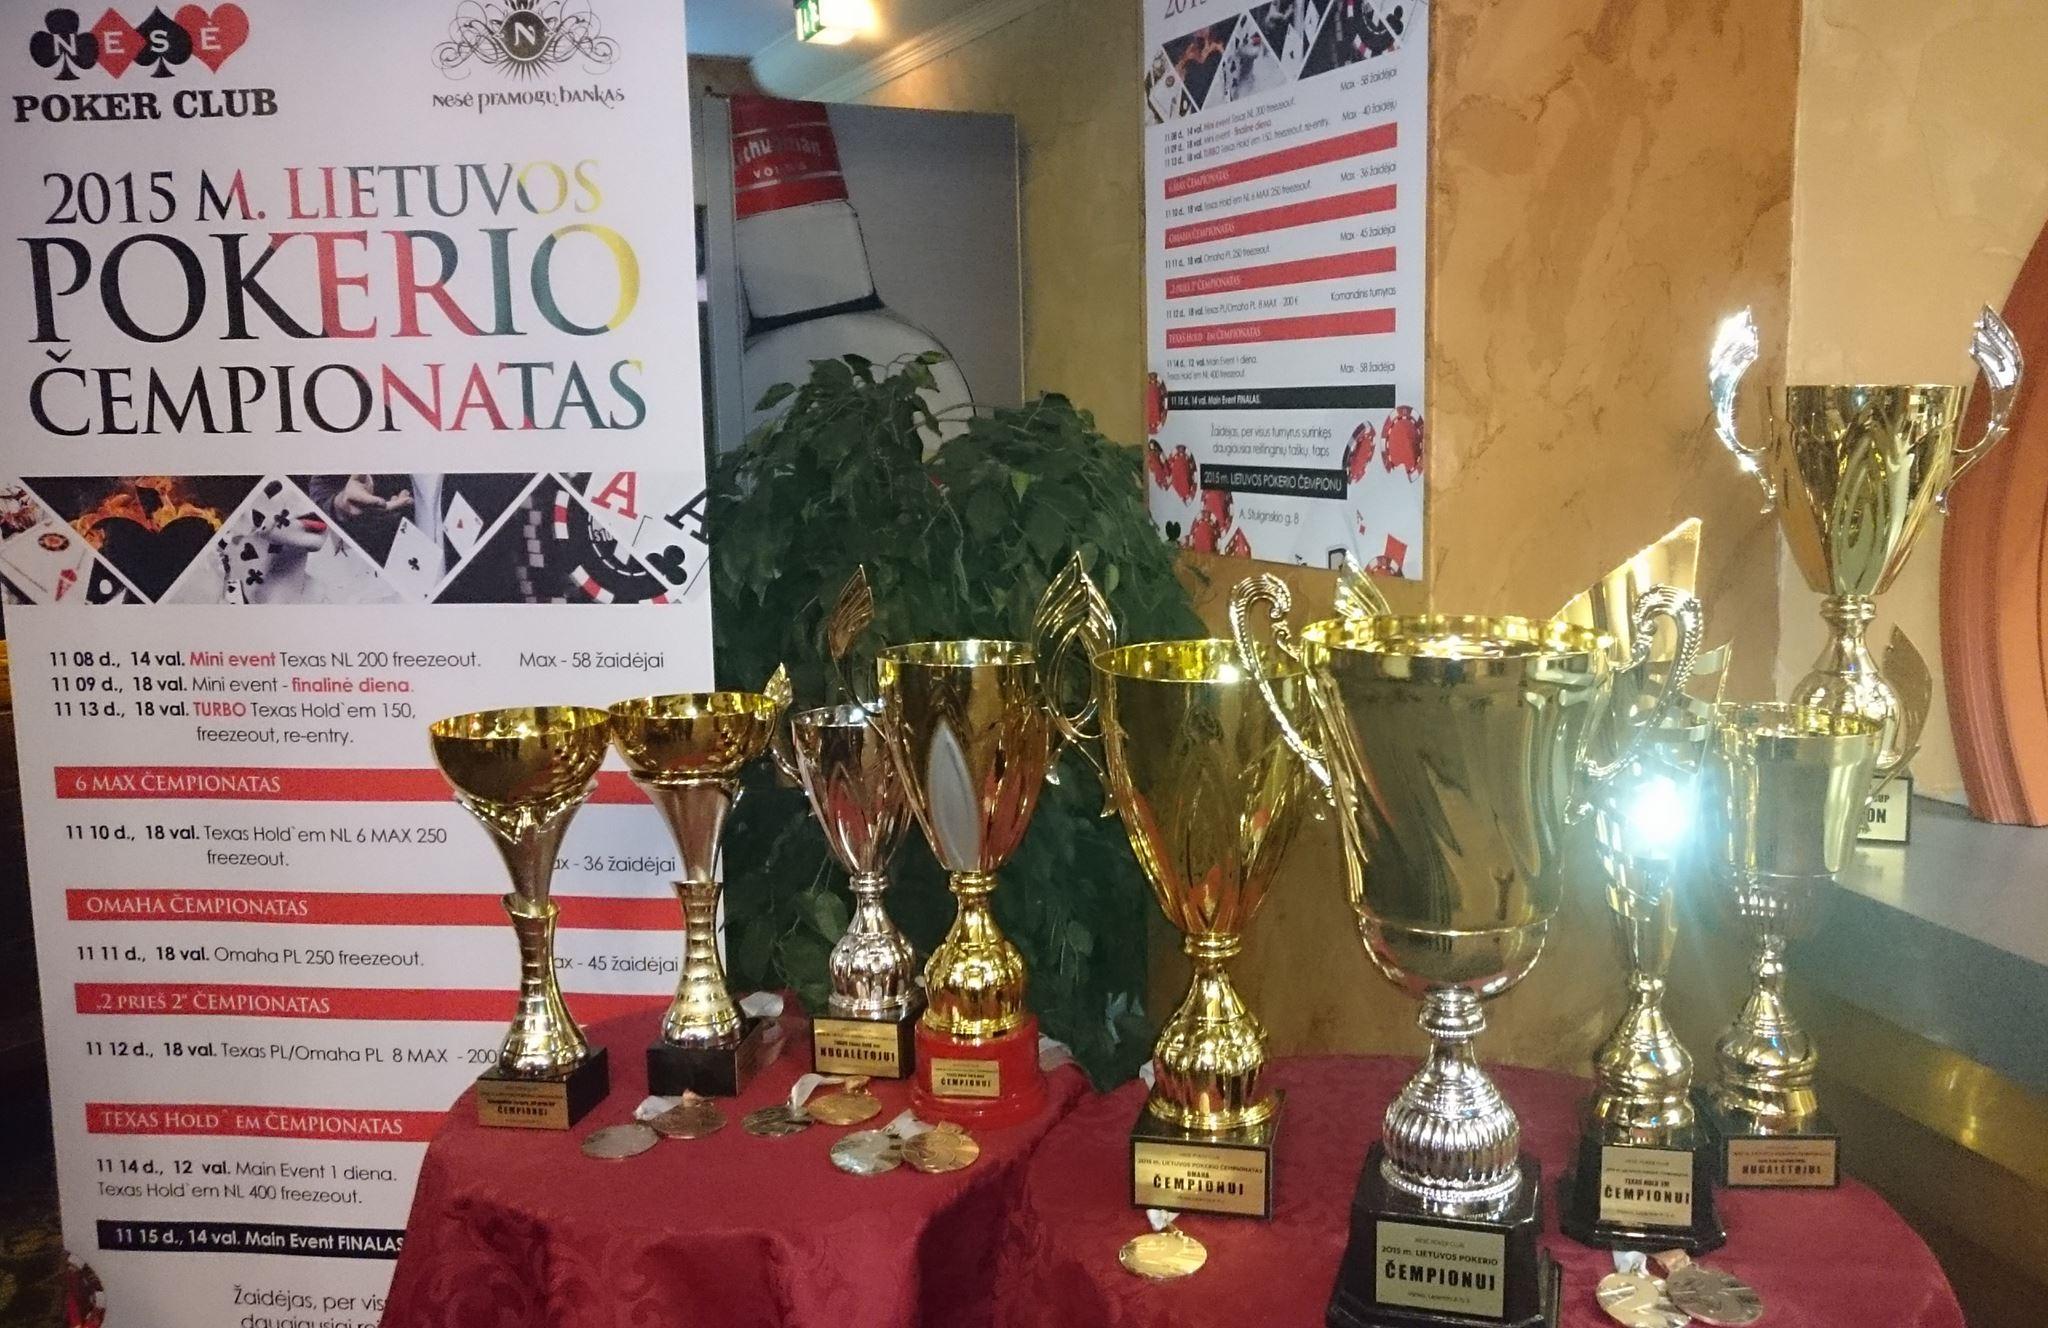 Lietuvos Pokerio čempionato pradžia - jau šį sekmadienį 101